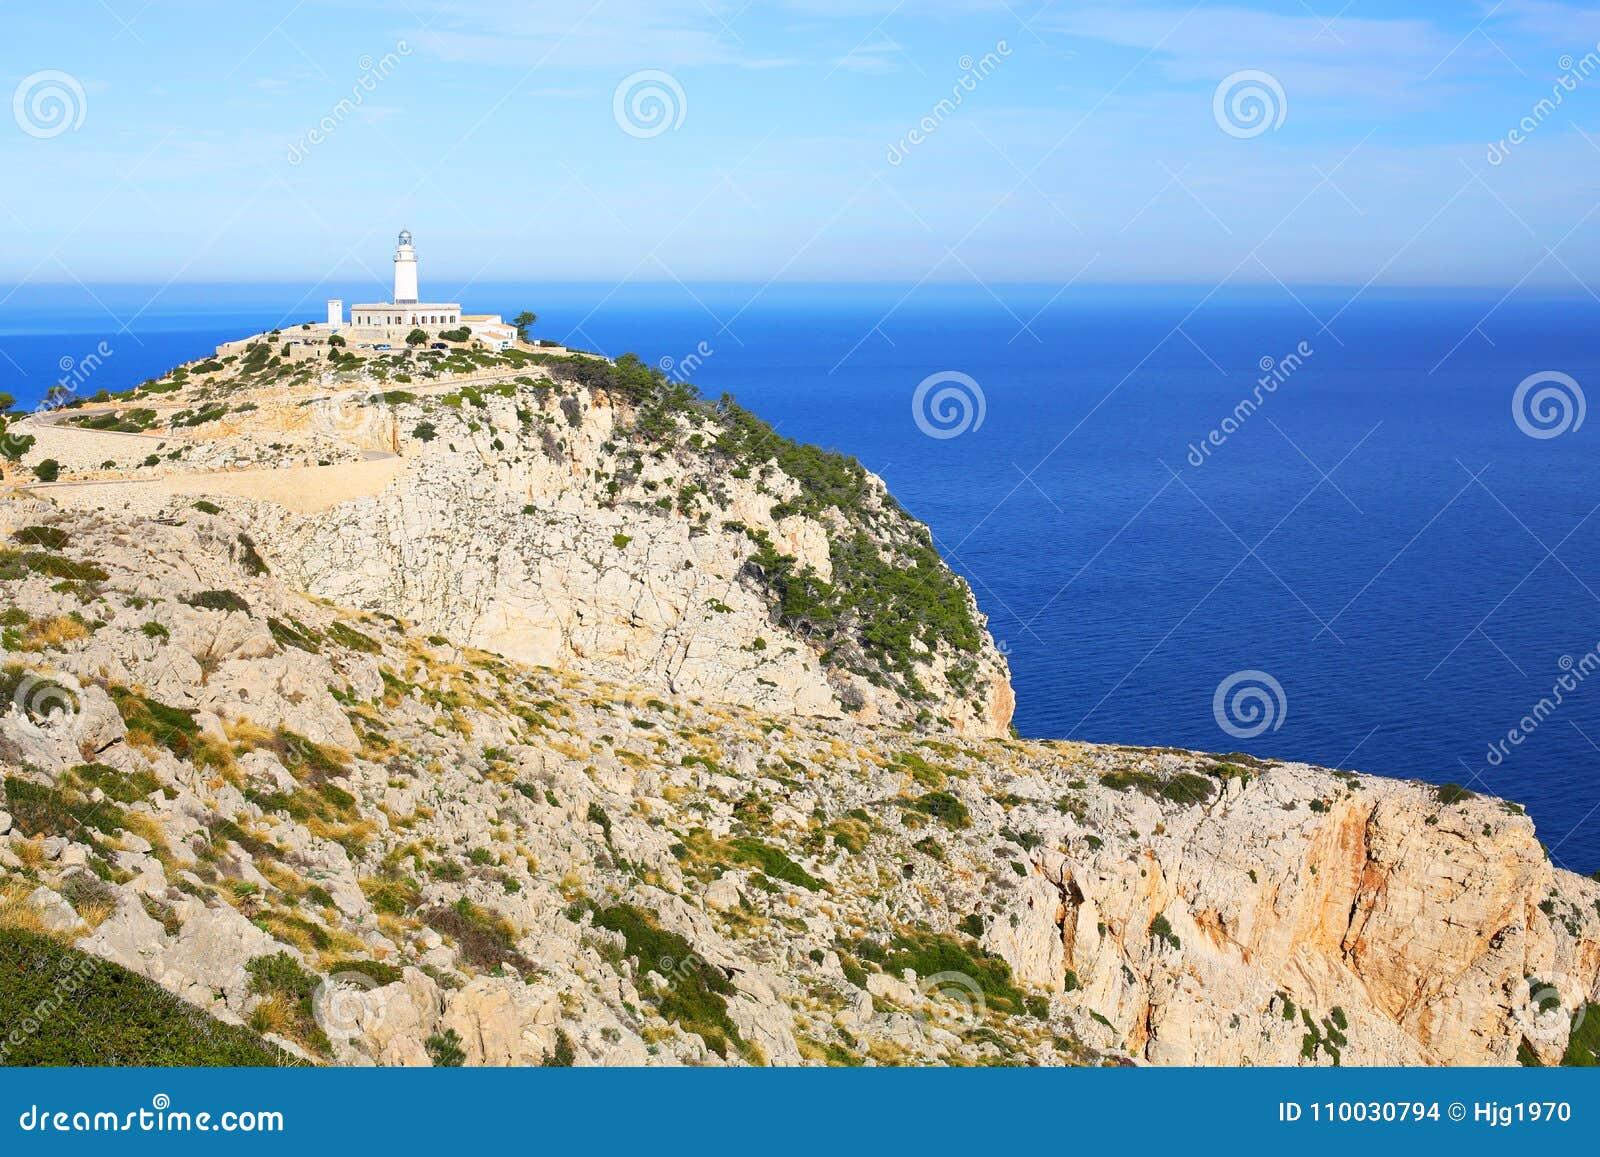 De vuurtoren op GLB Formentor op Majorca-Eiland, Spanje, een panorama